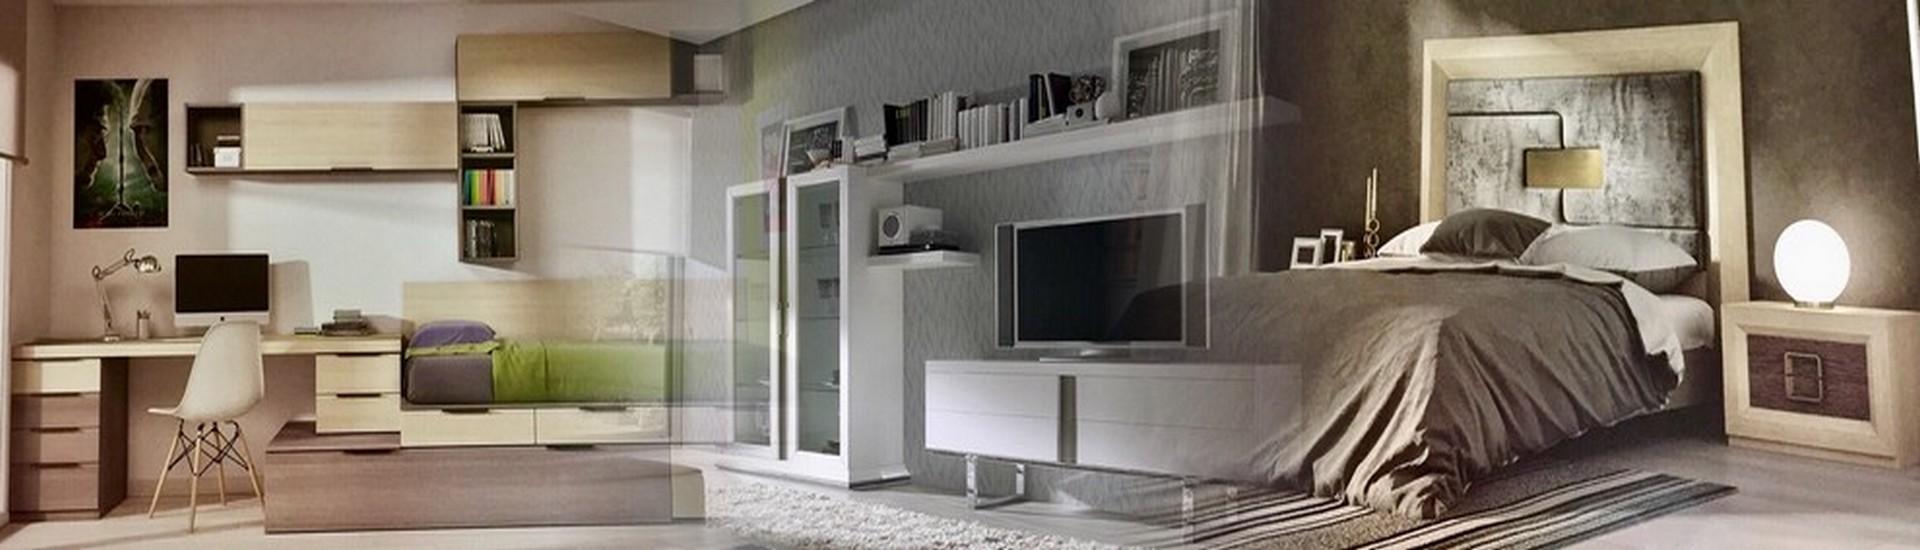 Muebles de calidad en palencia muebles bravo muebles - Muebles bravo ...